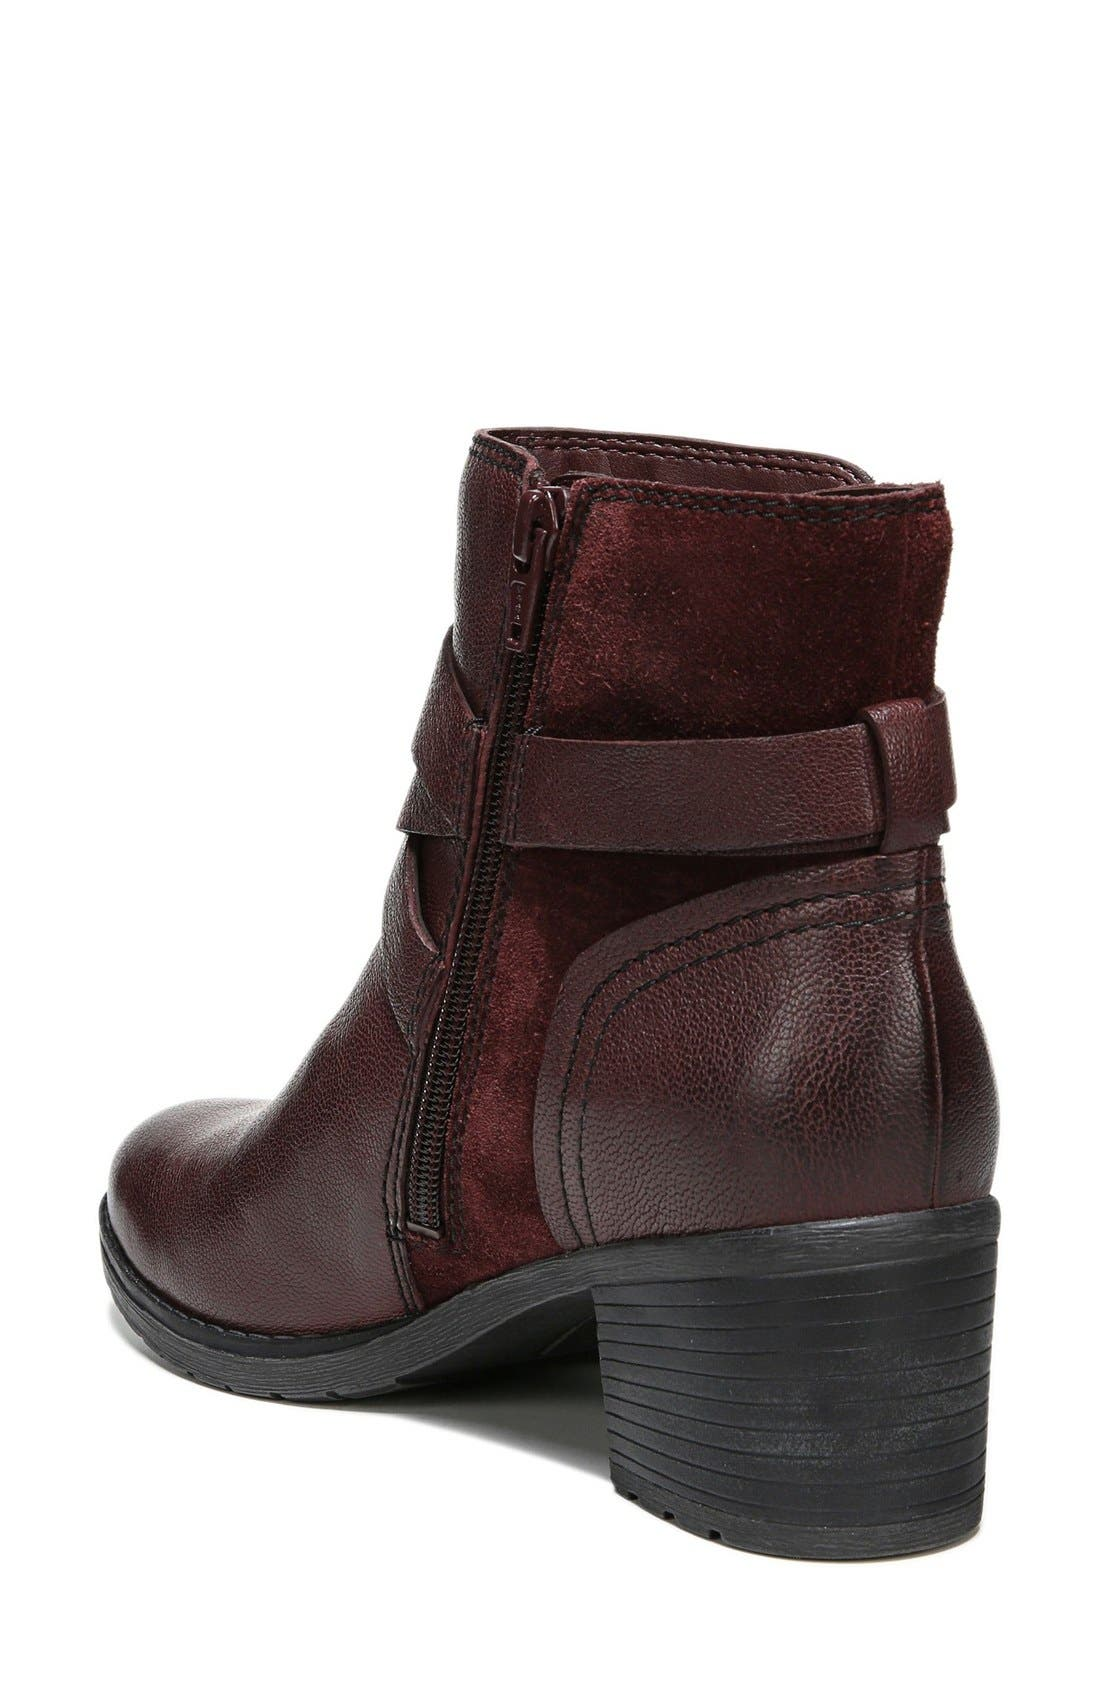 Alternate Image 2  - Naturalizer 'Ringer' Boot (Women)